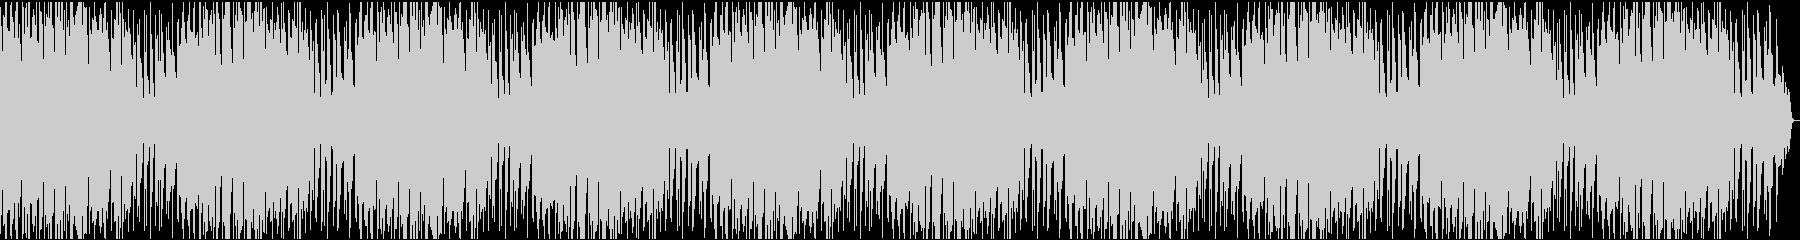 VP2 16分16bit48kHzVerの未再生の波形